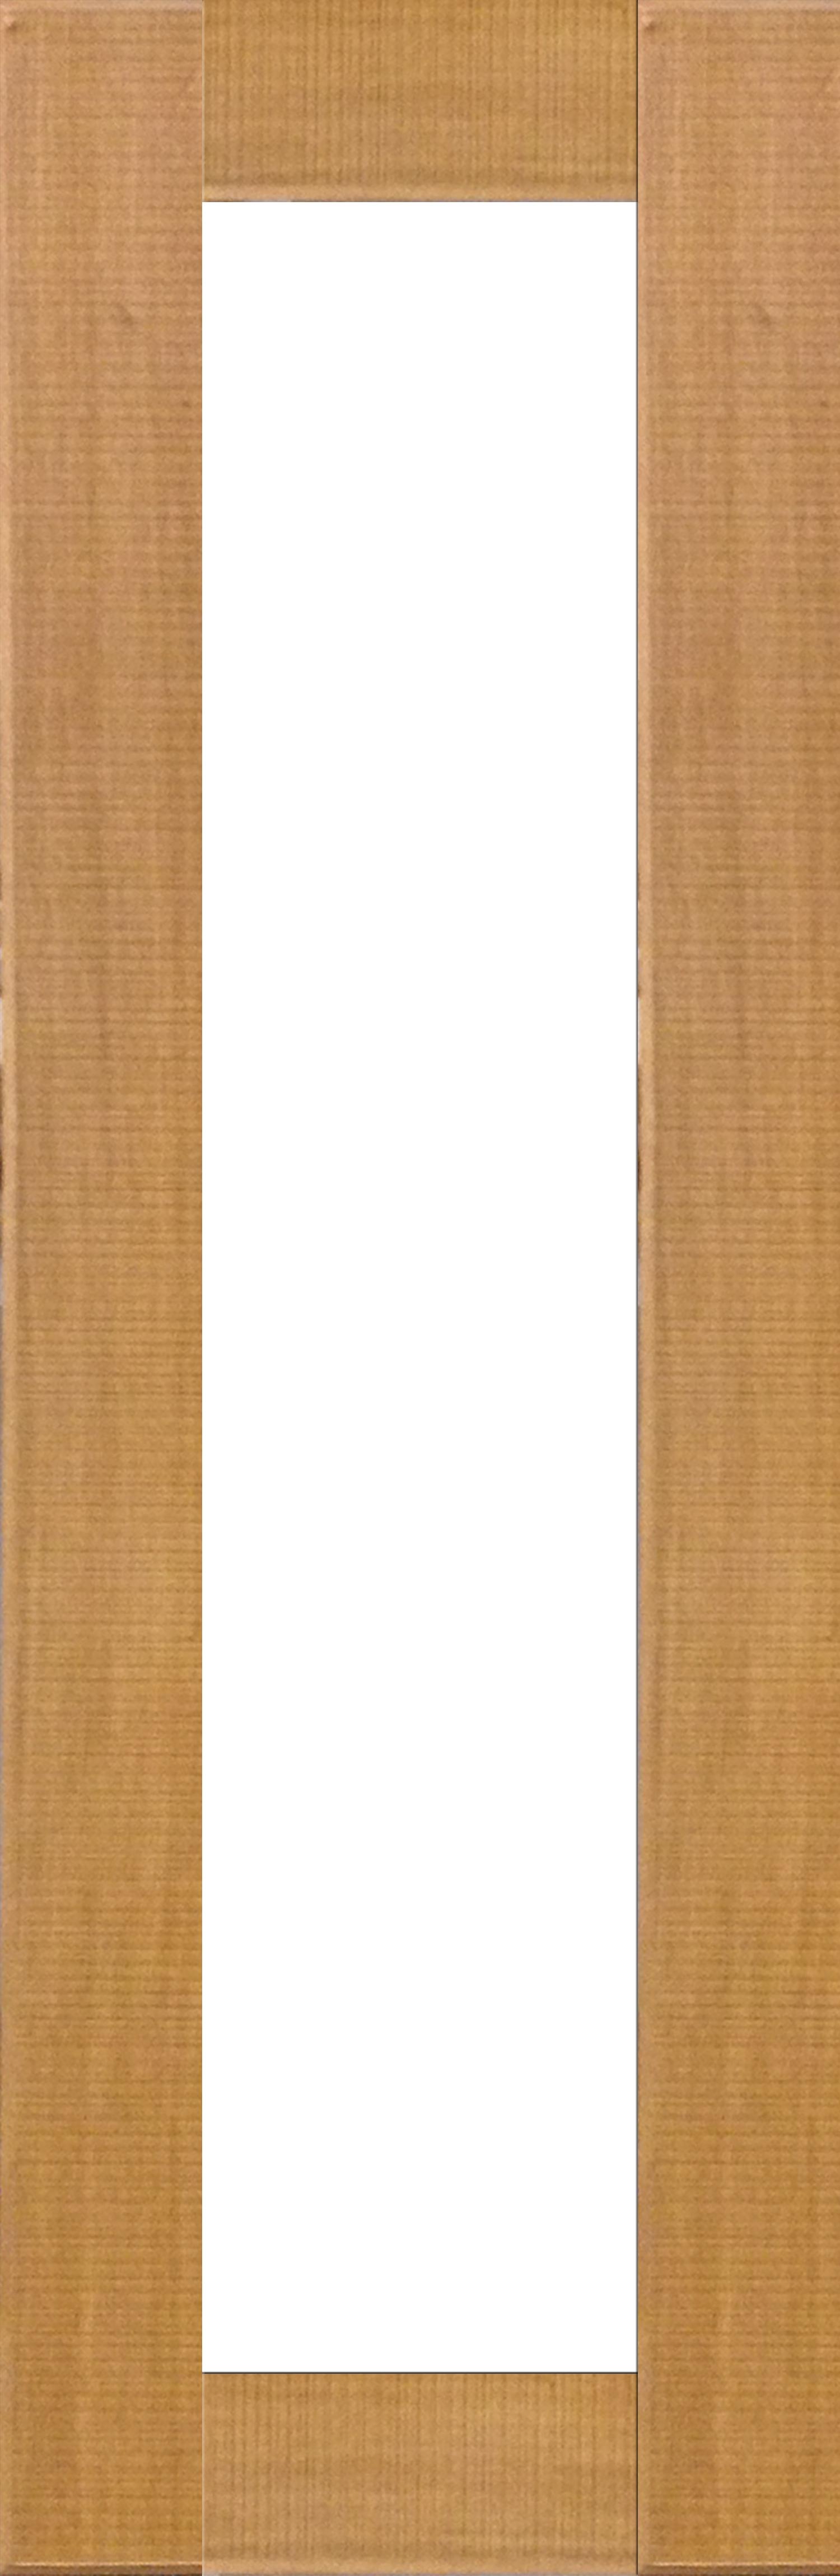 Ikea norje vitrinentur kuchenfront 30x92cm massive eiche for Küchenfront eiche